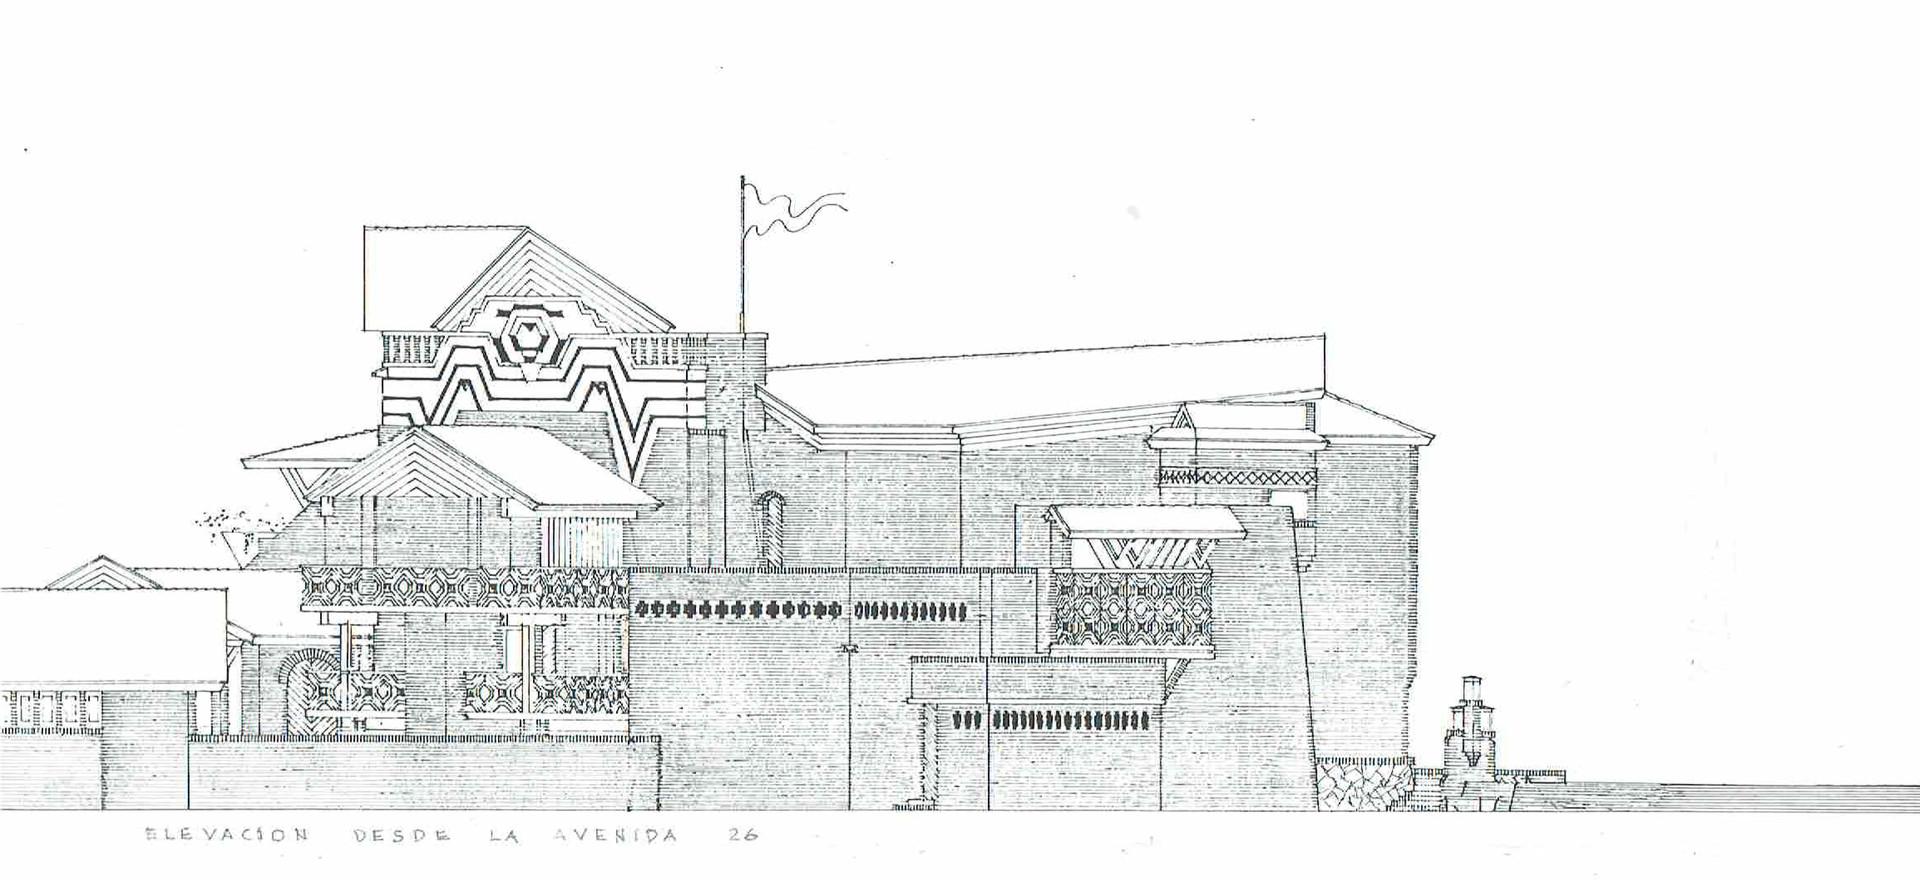 Casa cultura de Velazco. Holguin. Walter Betancourt y Gilberto Segui. 1964 - 1991